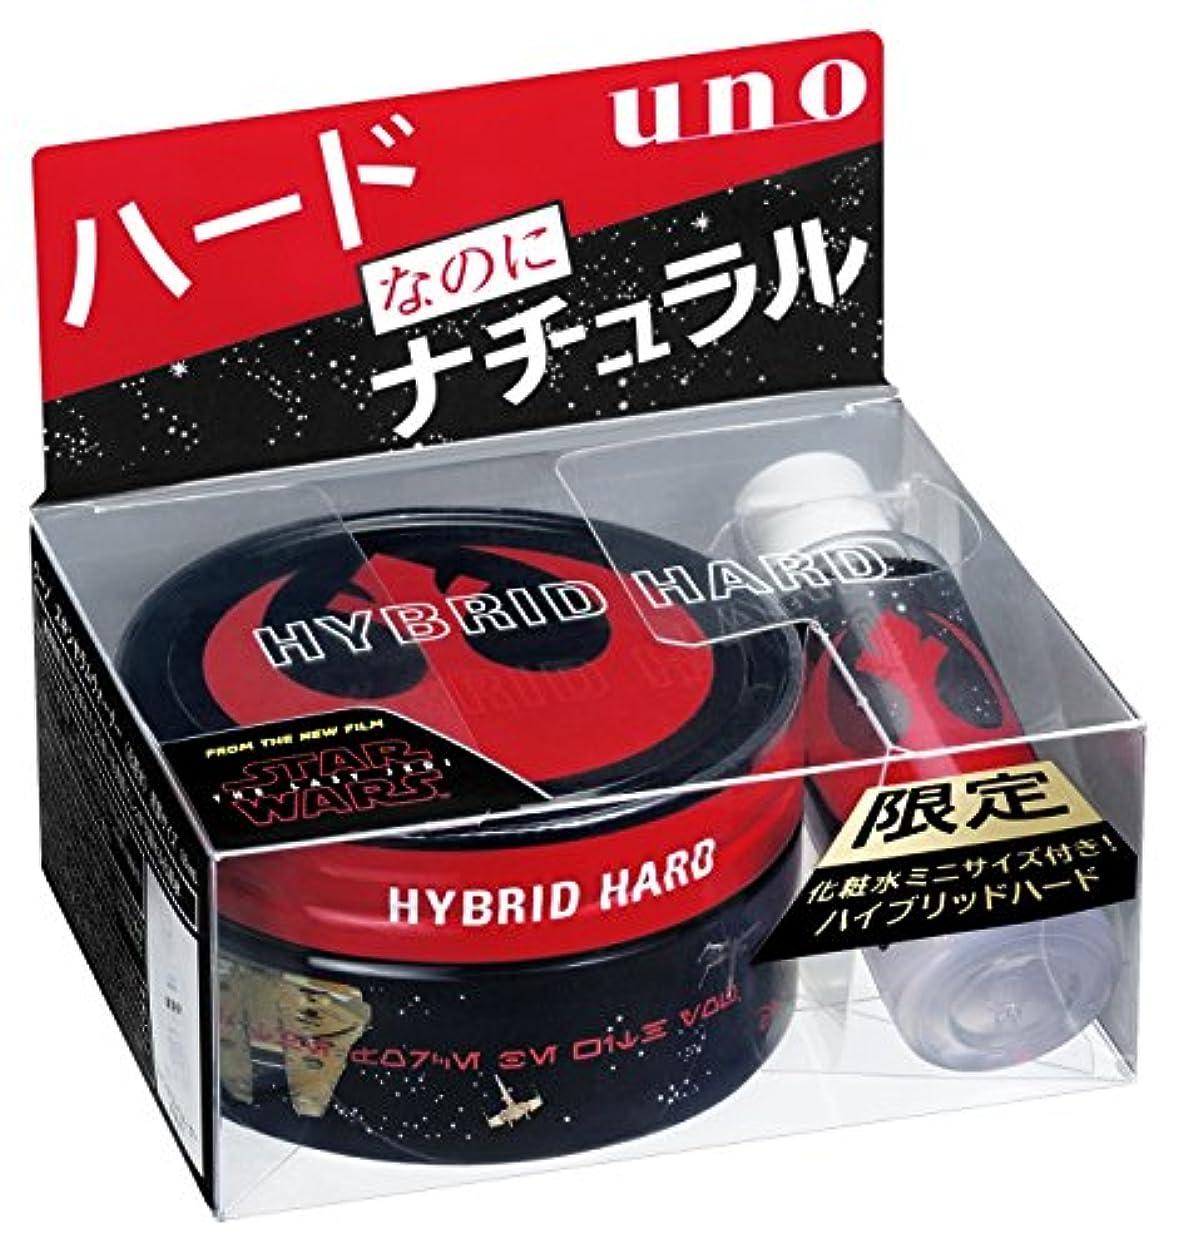 余分な自分レインコートuno(ウーノ) ウーノ ハイブリッドハード ワックス 80g スキンセラムウォーターミニボトル付(スターウォーズEp8)